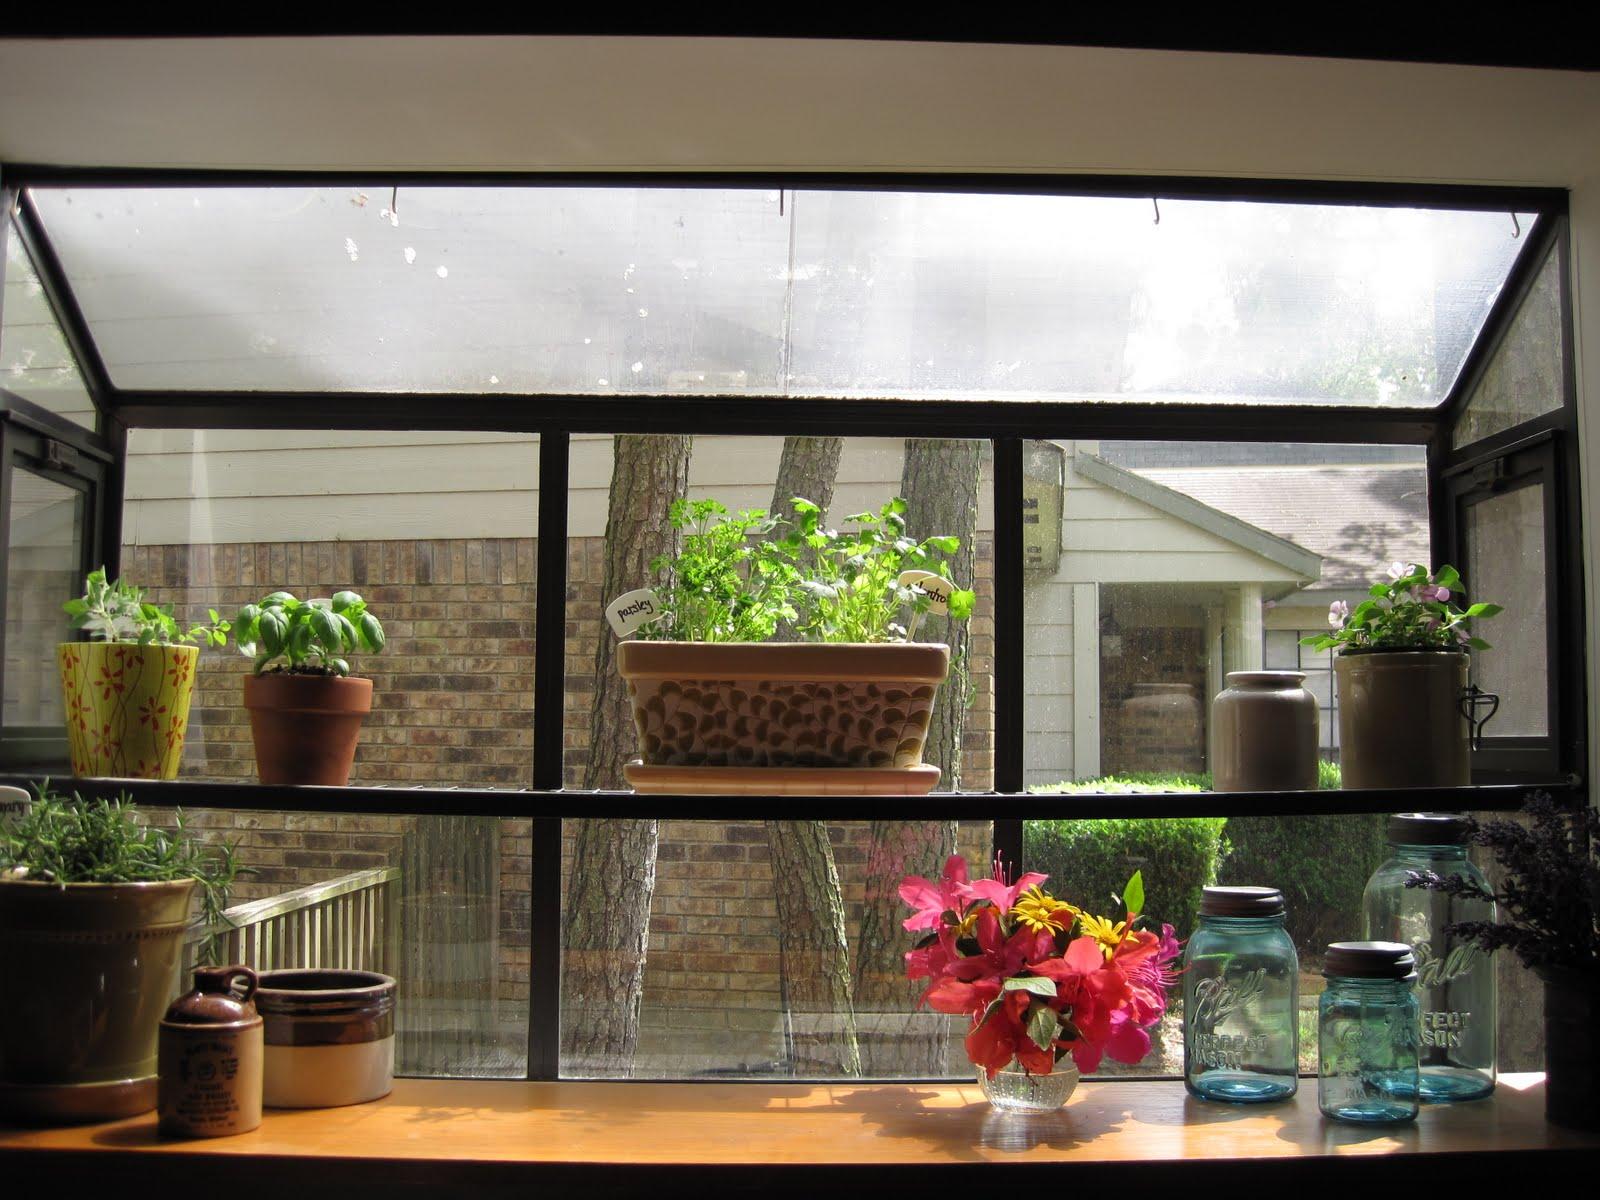 Greenhouse Kitchen Windows Kitchen Window Before And After With Greenhouse Kitchen Windows